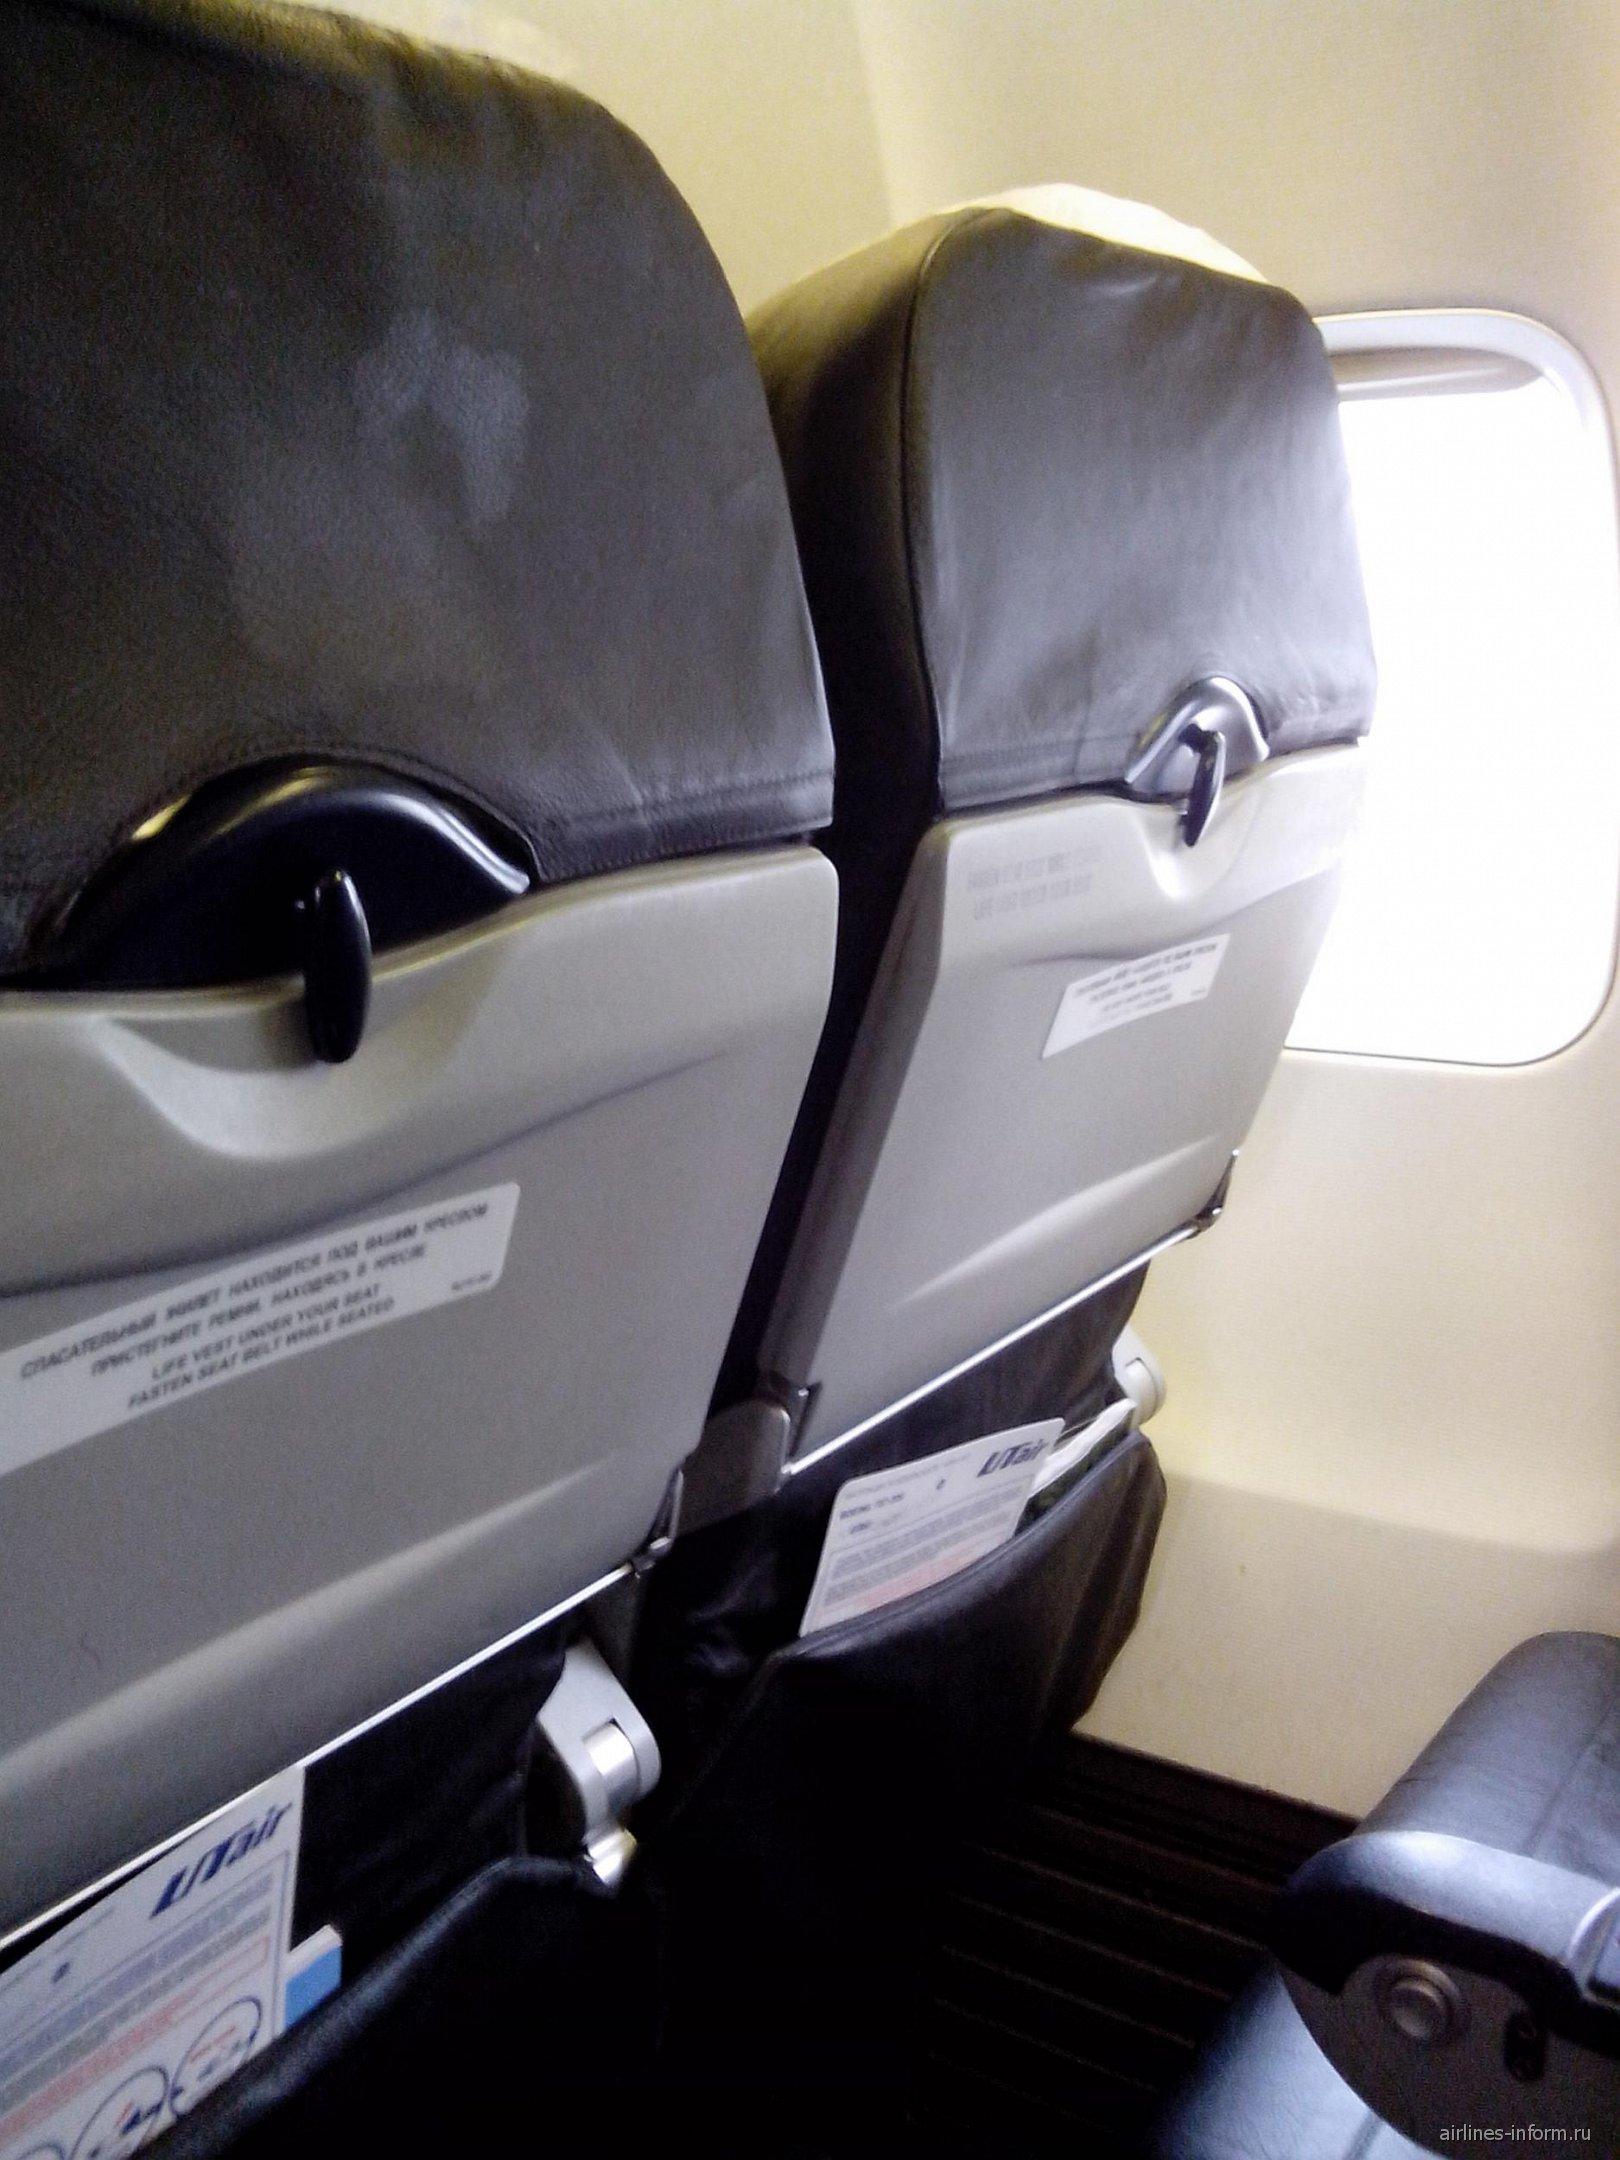 Кресла Боинг-757-200 авиакомпании ЮТэйр